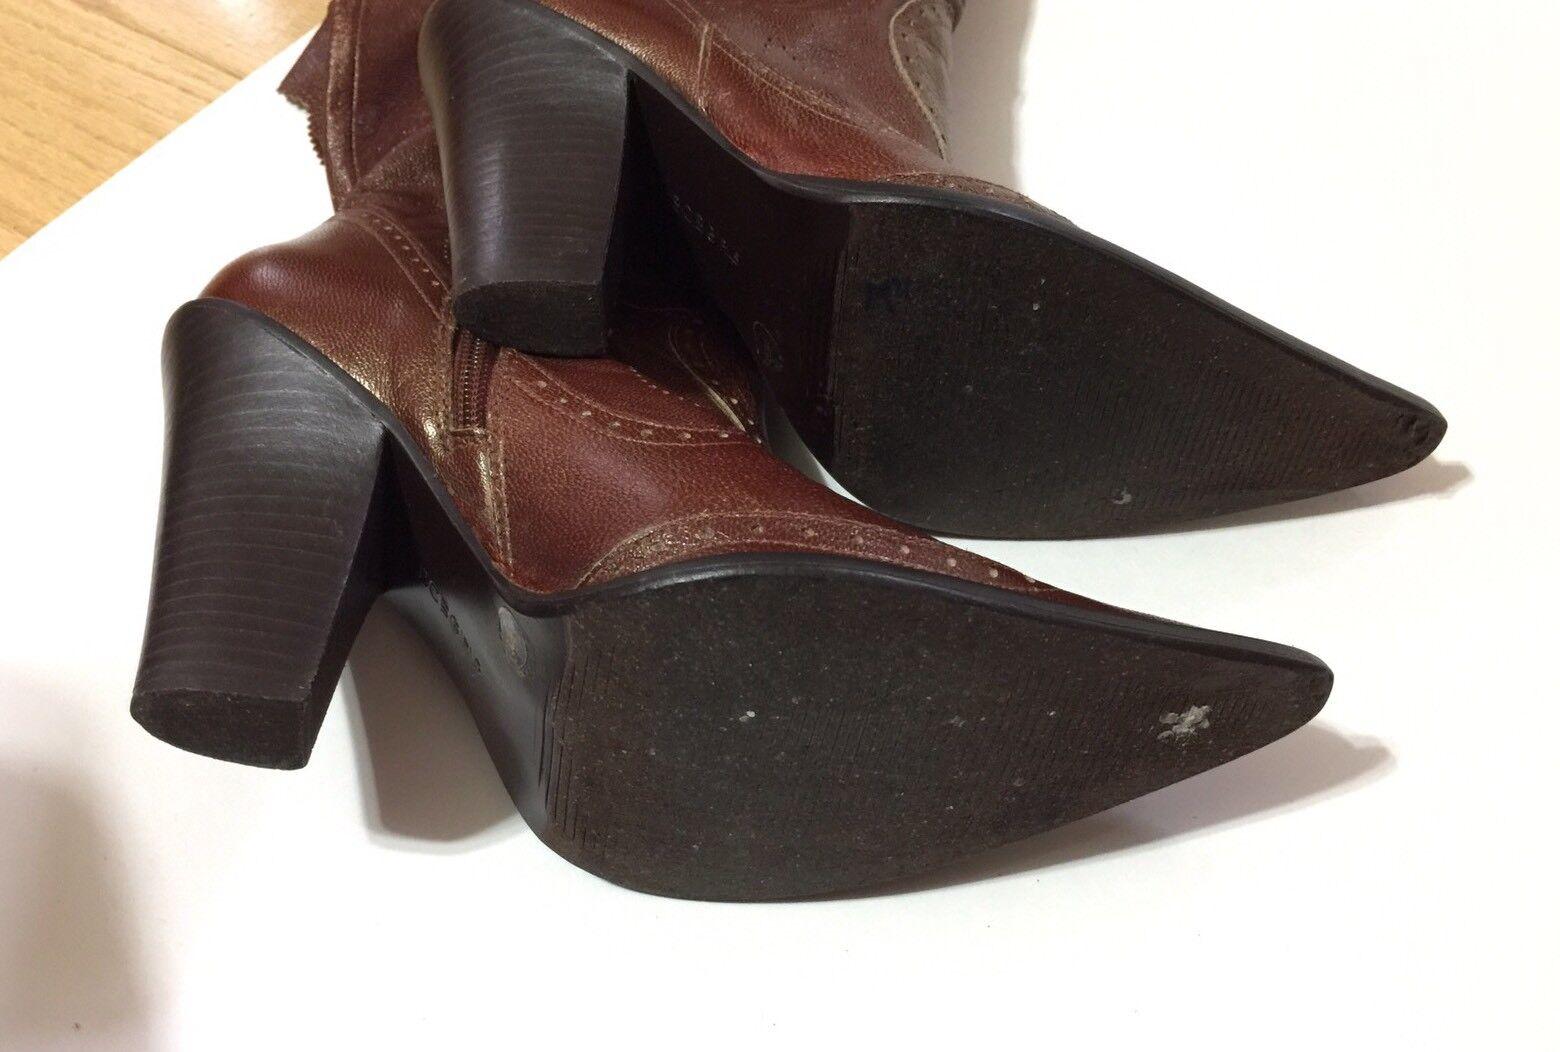 Bcbgirls Marrón Cuero Vaquero 7.5 Occidental Botas Zapato 7.5 Vaquero B/37 1/2 mujeres ed85cc